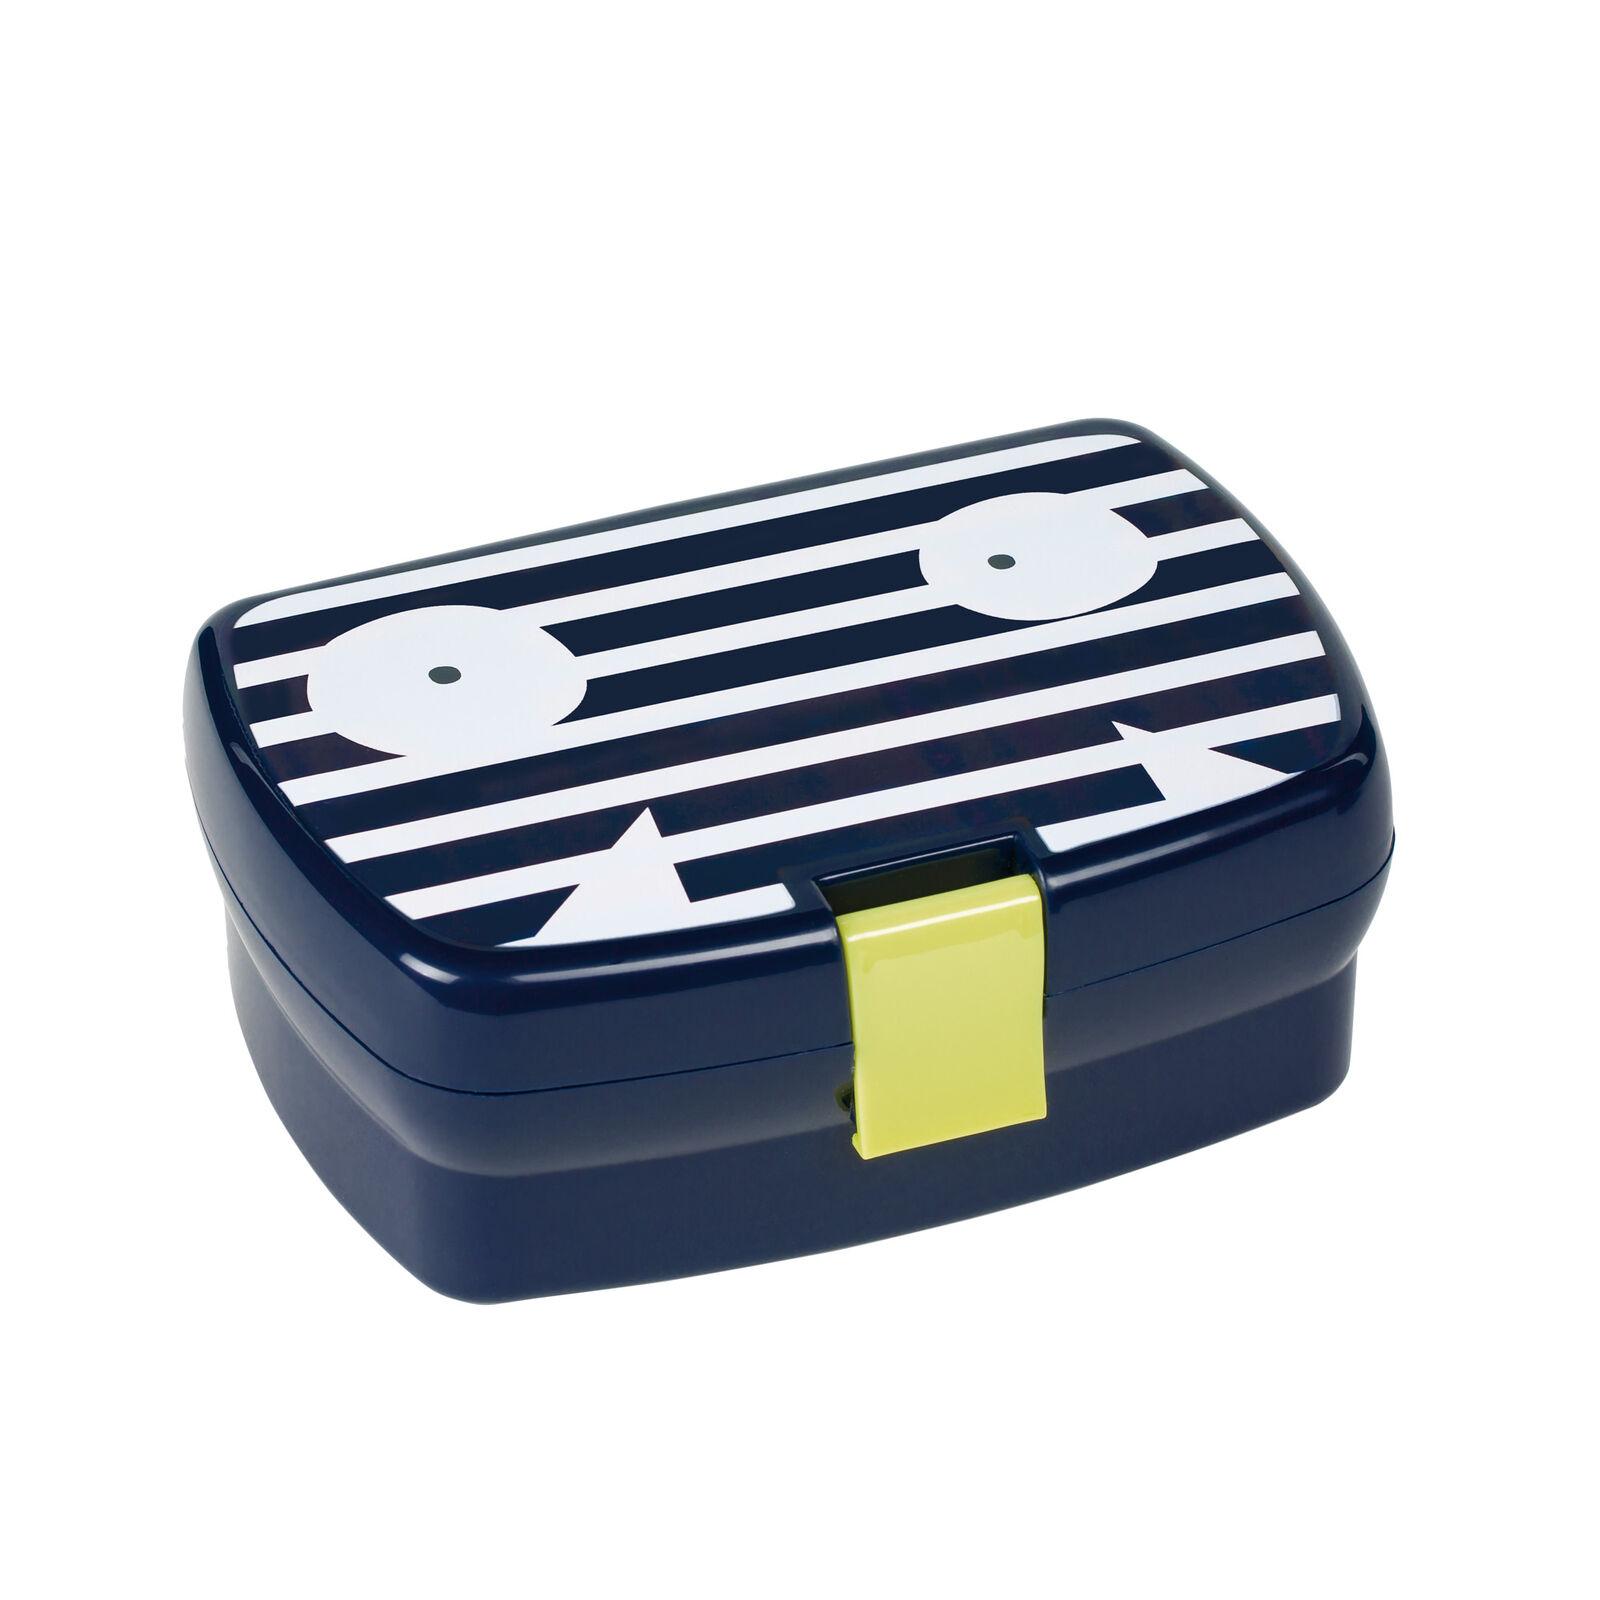 Lässig Lunchbox Brotdose diverse Designs Adventure Friends Bus pink blau